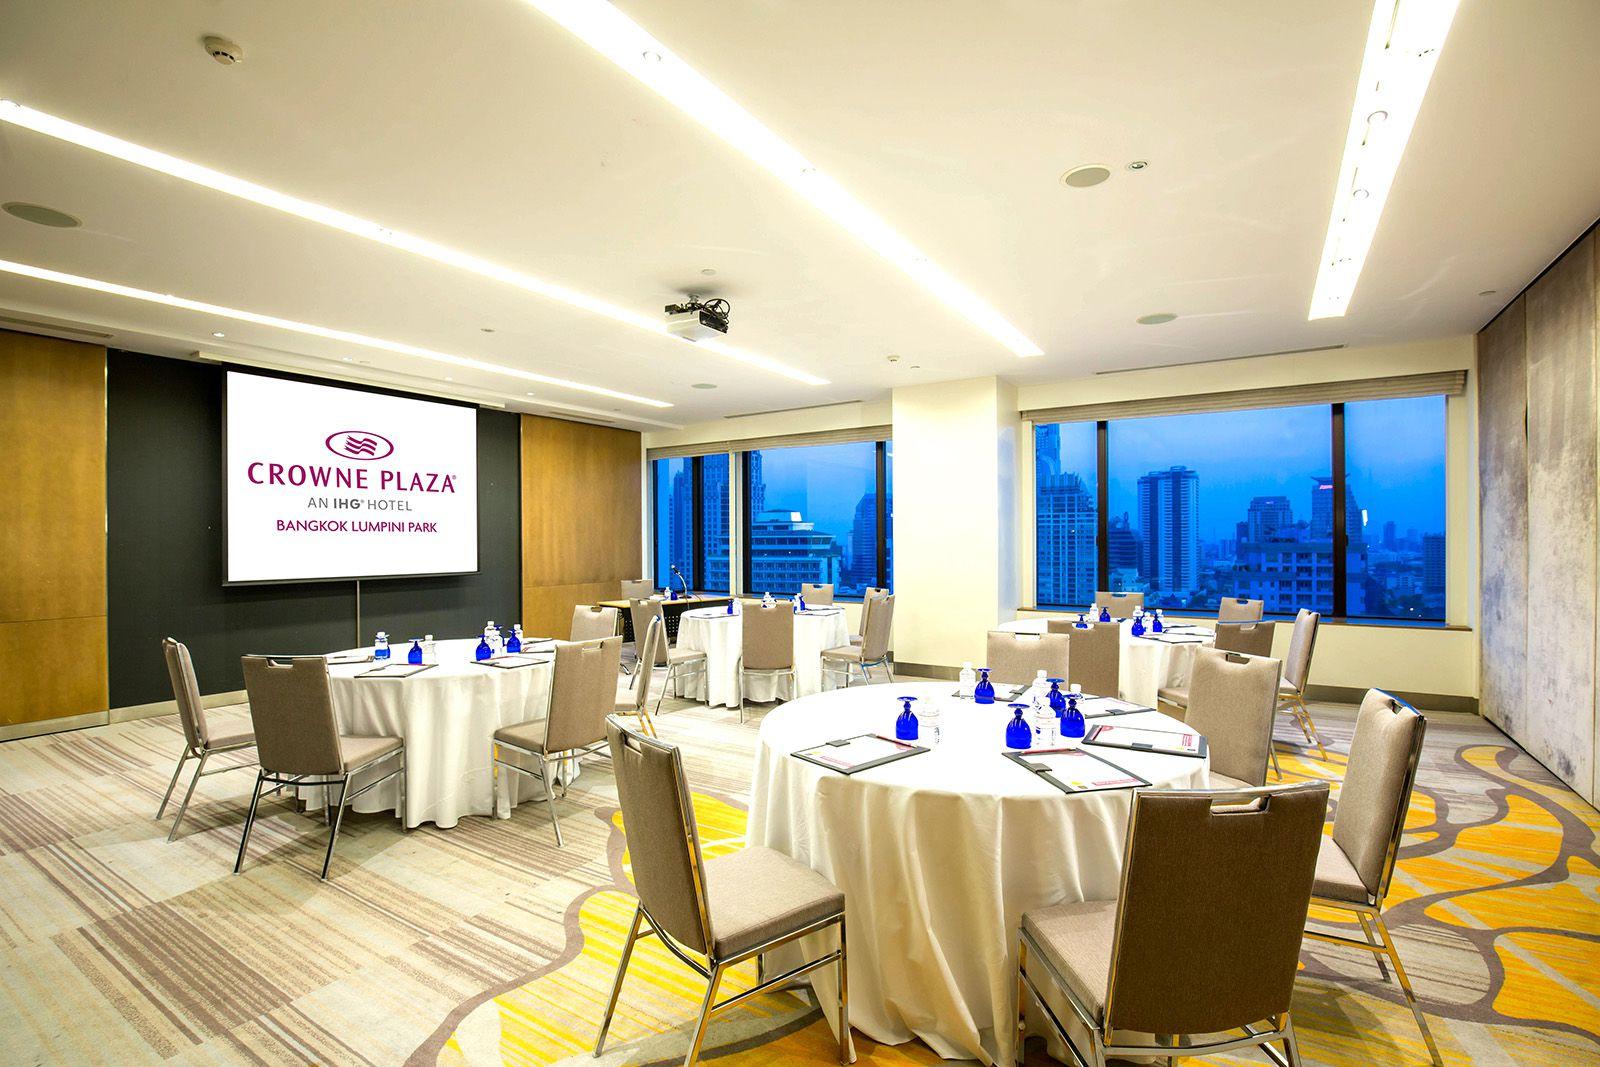 هتل کراون پلازا لومپینی پارک بانکوک